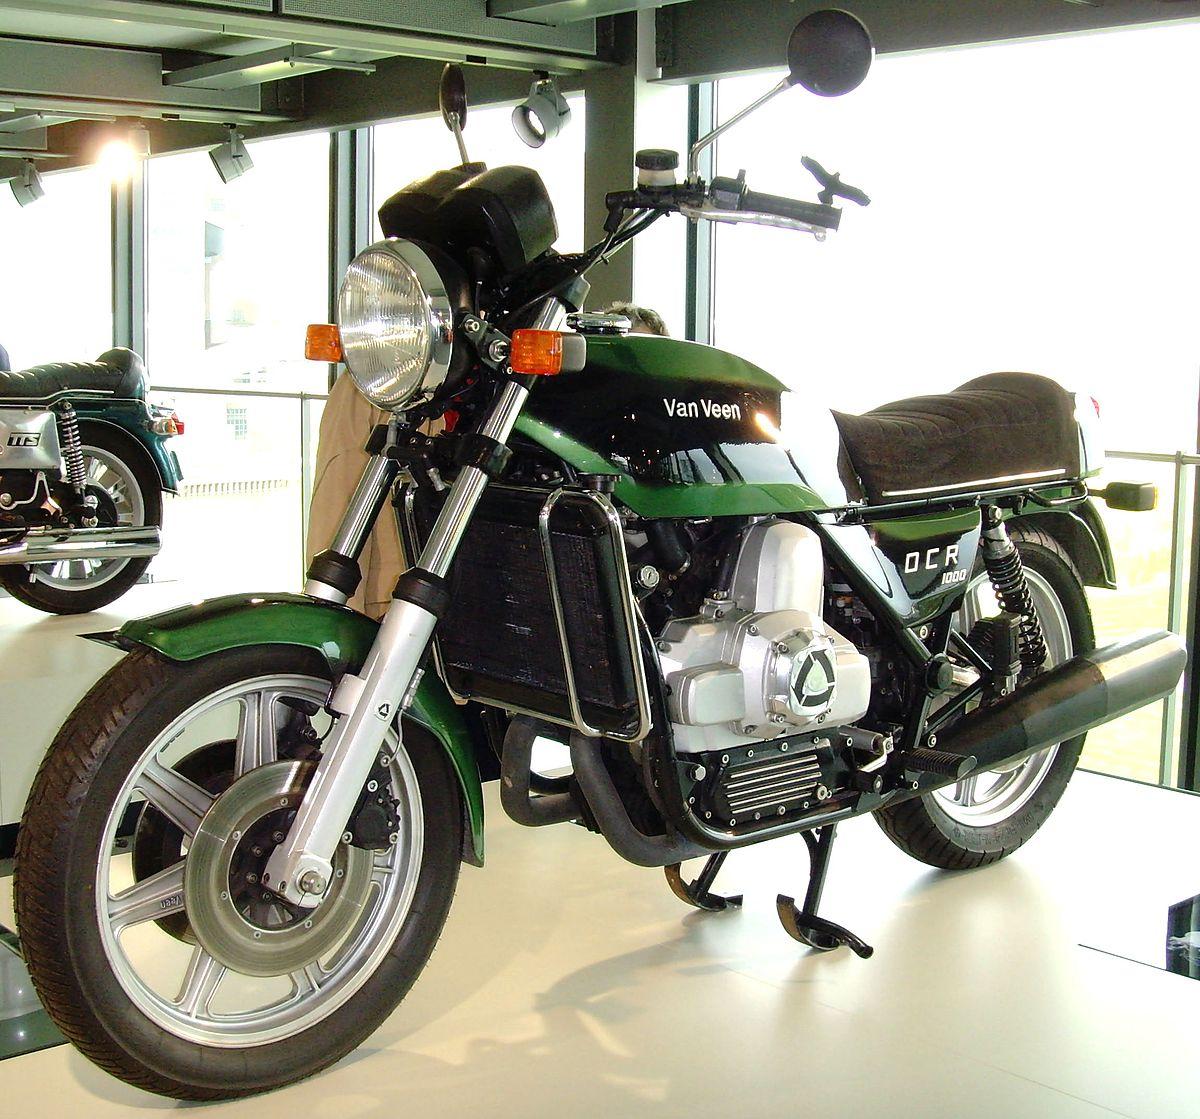 Van Veen (motorcycle) - Wikipedia